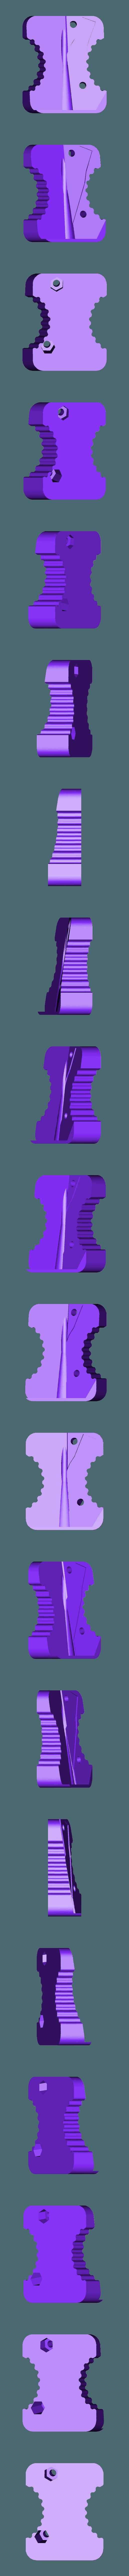 V9.stl Télécharger fichier STL gratuit Taille-crayons avec lame X-acto • Modèle pour imprimante 3D, Dsk